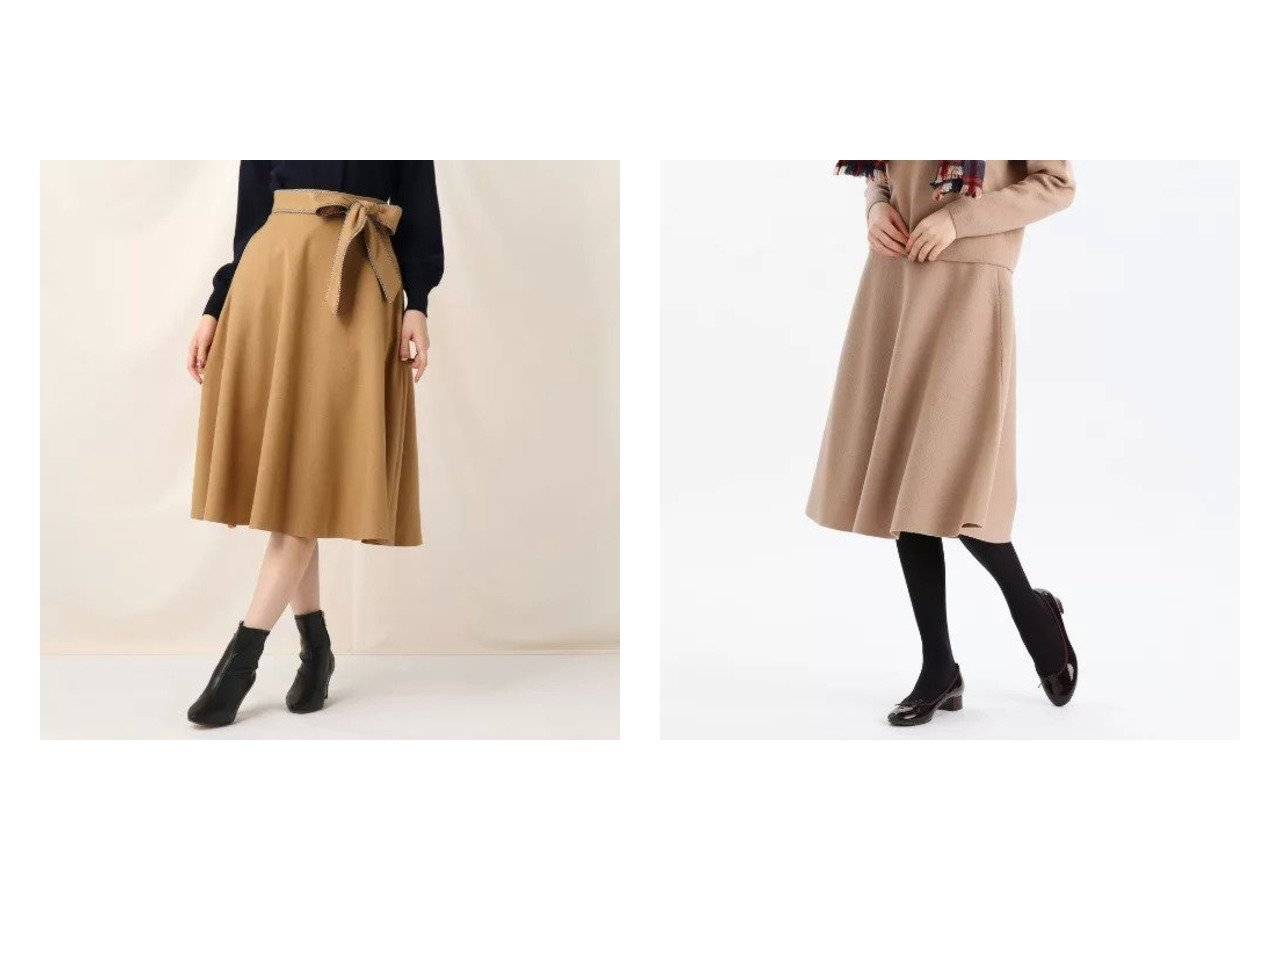 【Couture Brooch/クチュール ブローチ】のリボンベルトフレアスカート&【MACKINTOSH PHILOSOPHY/マッキントッシュ フィロソフィー】のフレアニットスカート スカートのおすすめ!人気、レディースファッションの通販  おすすめで人気のファッション通販商品 インテリア・家具・キッズファッション・メンズファッション・レディースファッション・服の通販 founy(ファニー) https://founy.com/ ファッション Fashion レディース WOMEN スカート Skirt Aライン/フレアスカート Flared A-Line Skirts ベルト Belts ウォーム ショート トレンド フレア リボン A/W 秋冬 Autumn &  Winter セットアップ マキシ ロング |ID:crp329100000004076